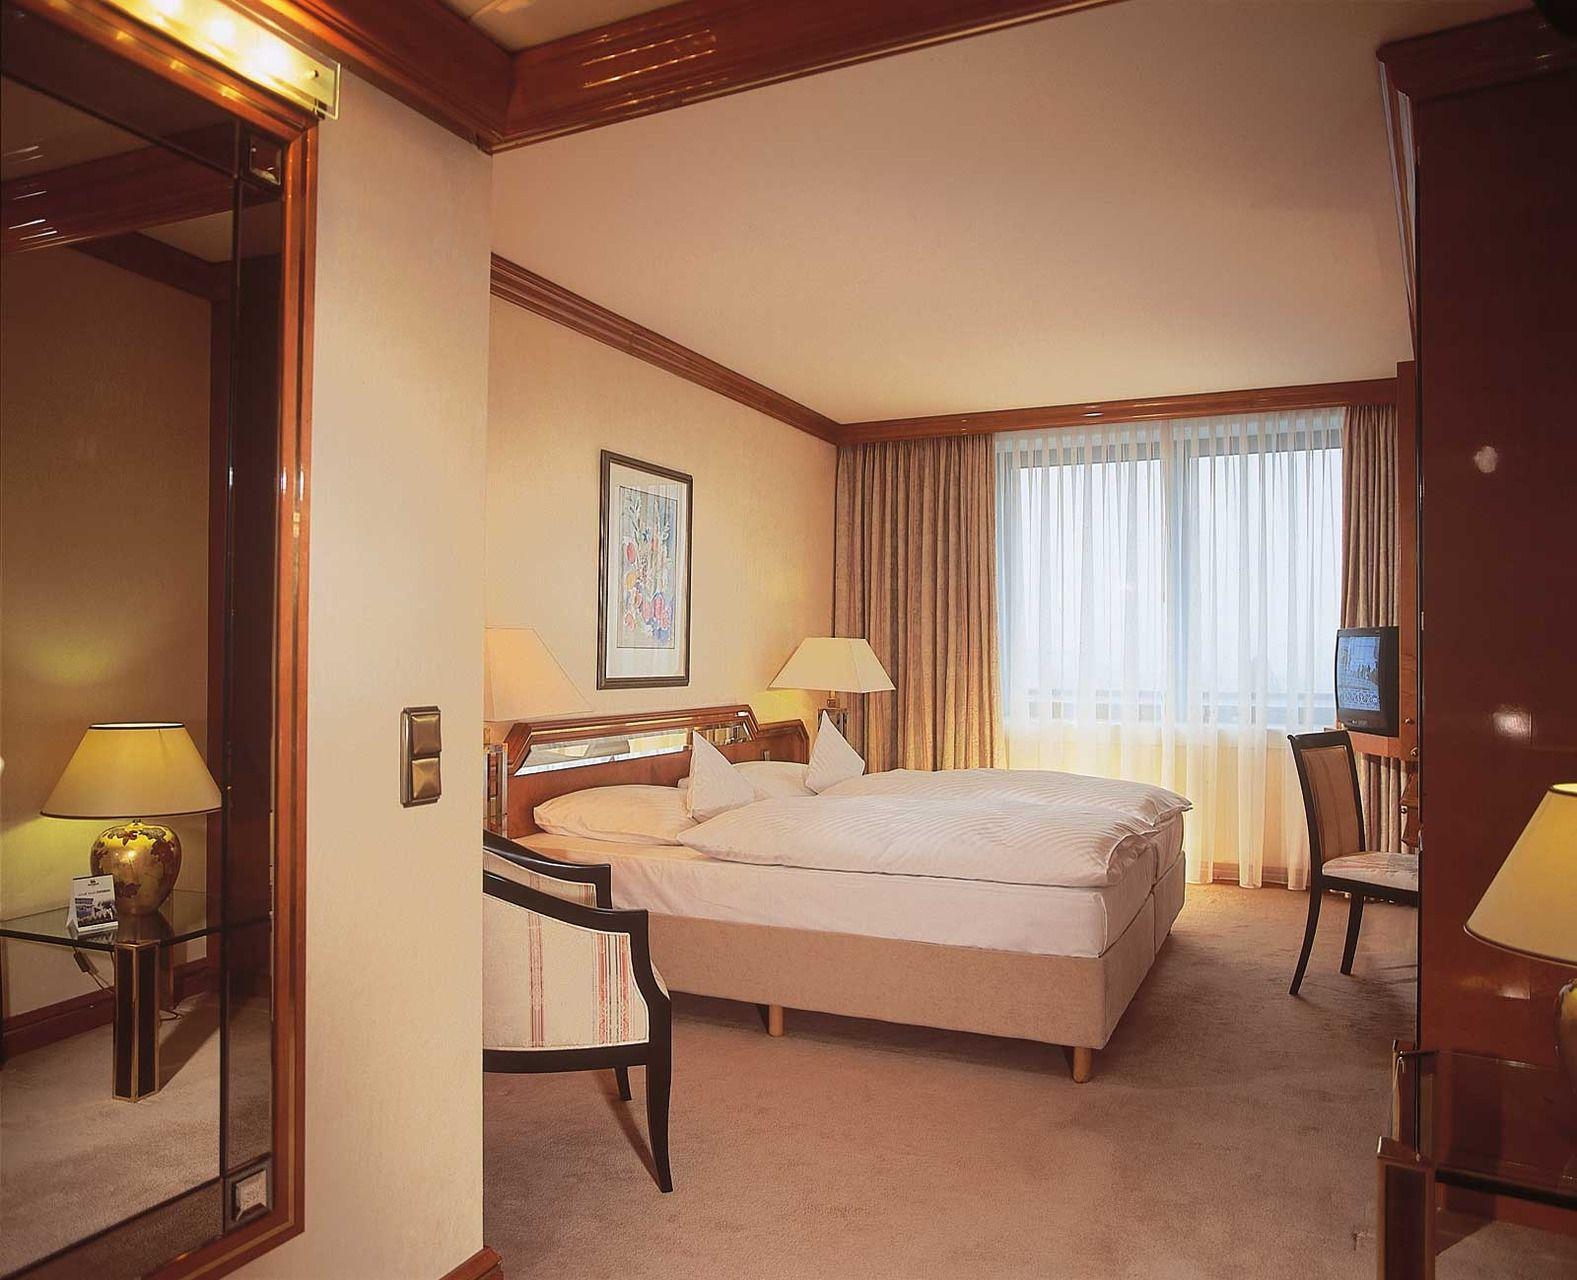 Hotel Ulm Schlafzimmer Maritim Hotel Ulm Home Decor Room Ulm